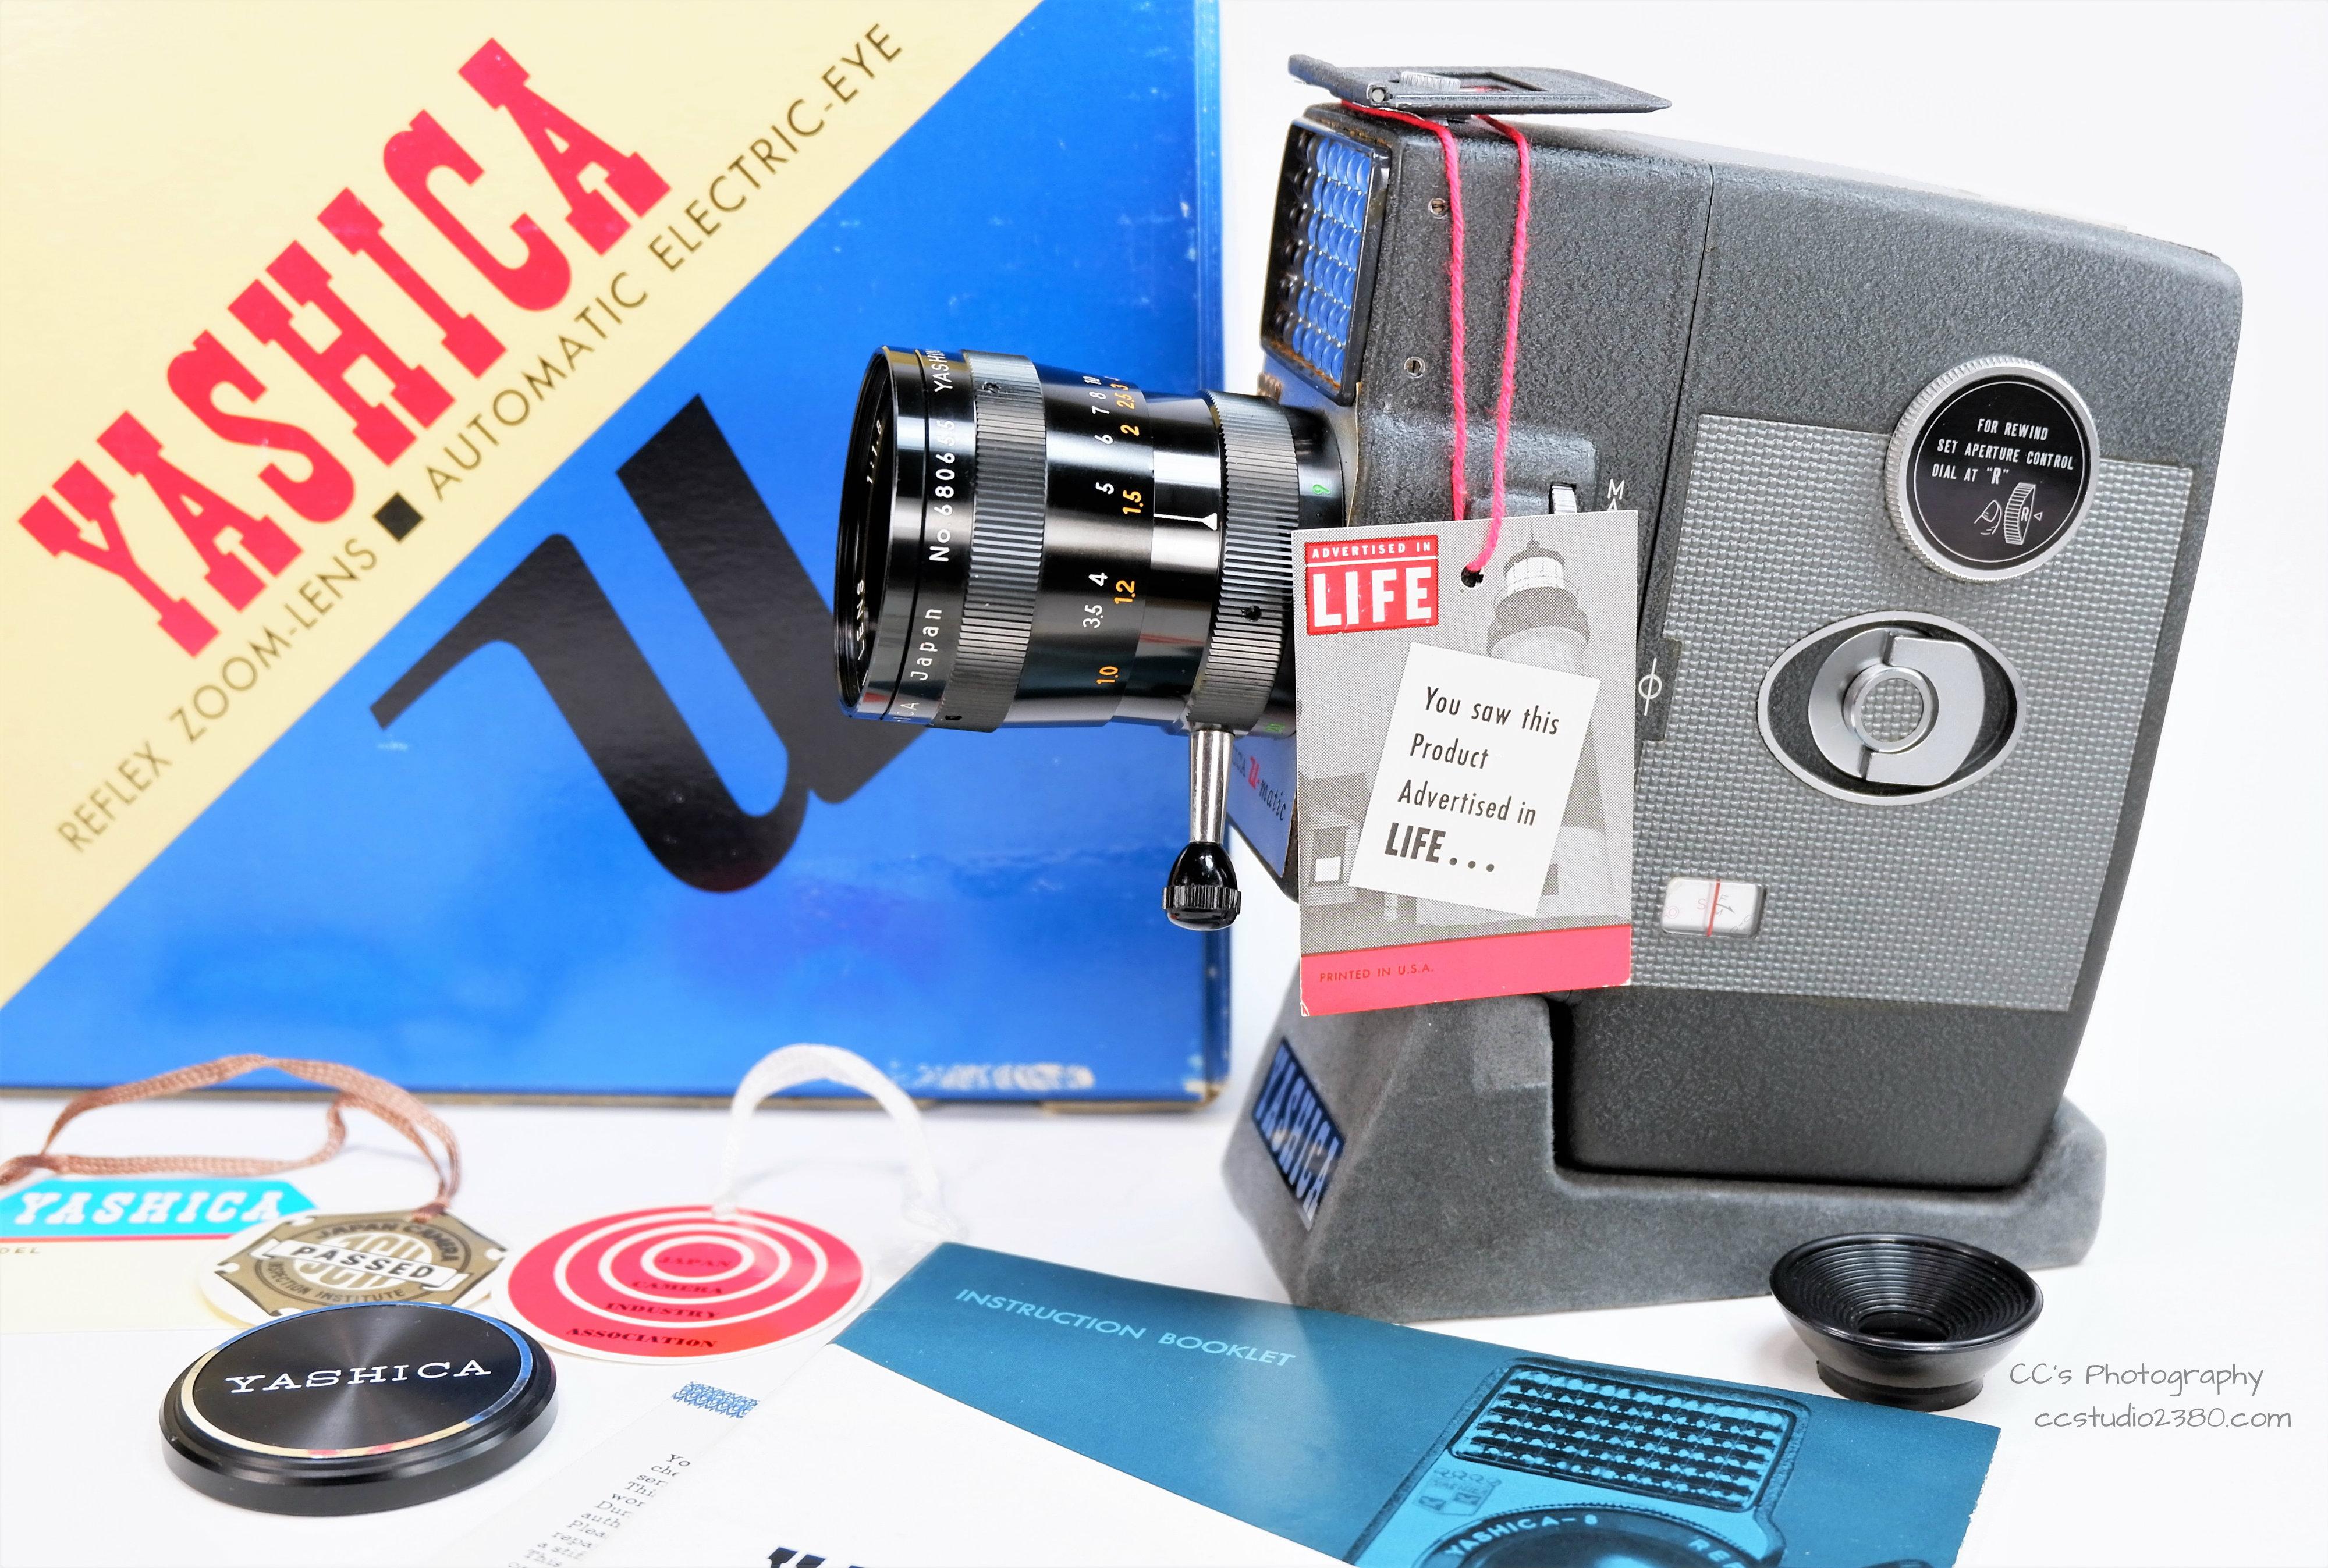 Yashica 8mm Movie Set